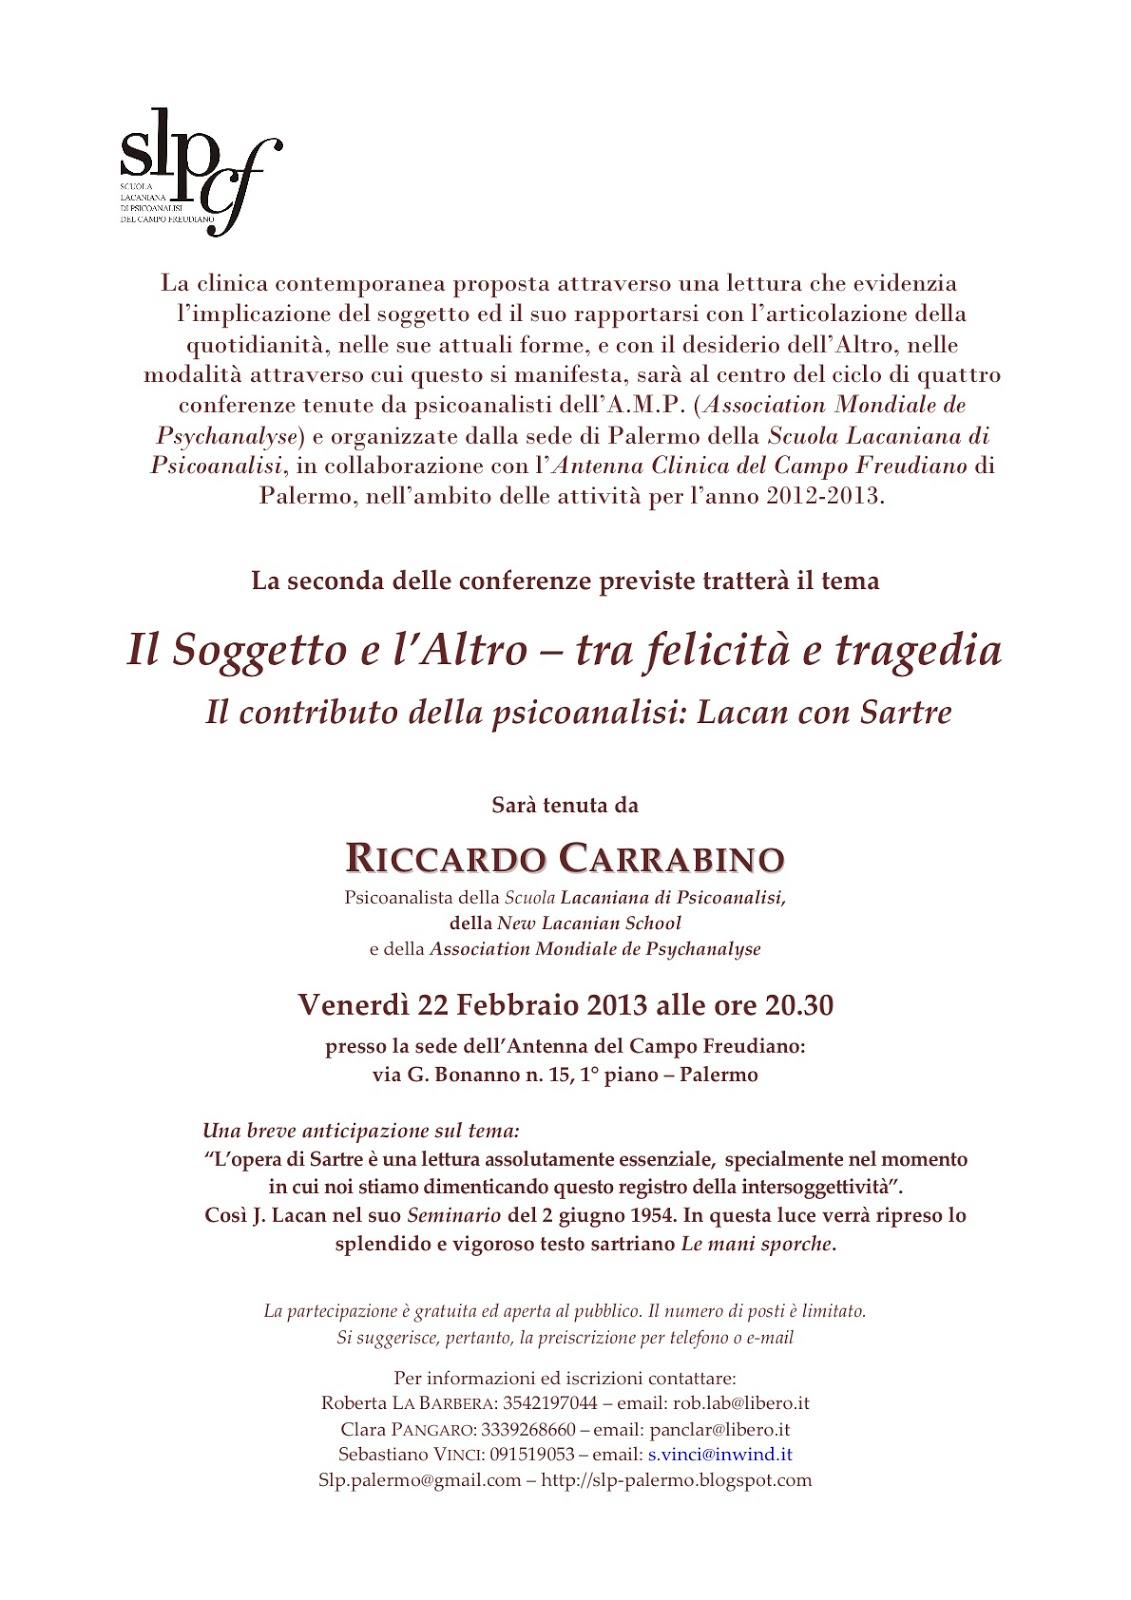 http://2.bp.blogspot.com/-6tUBmJaHf7o/USPaUqHRvGI/AAAAAAAAA3o/0Otfw-3UBJo/s1600/Conferenza+Carrabino+su+Sartre-Lacan.jpg